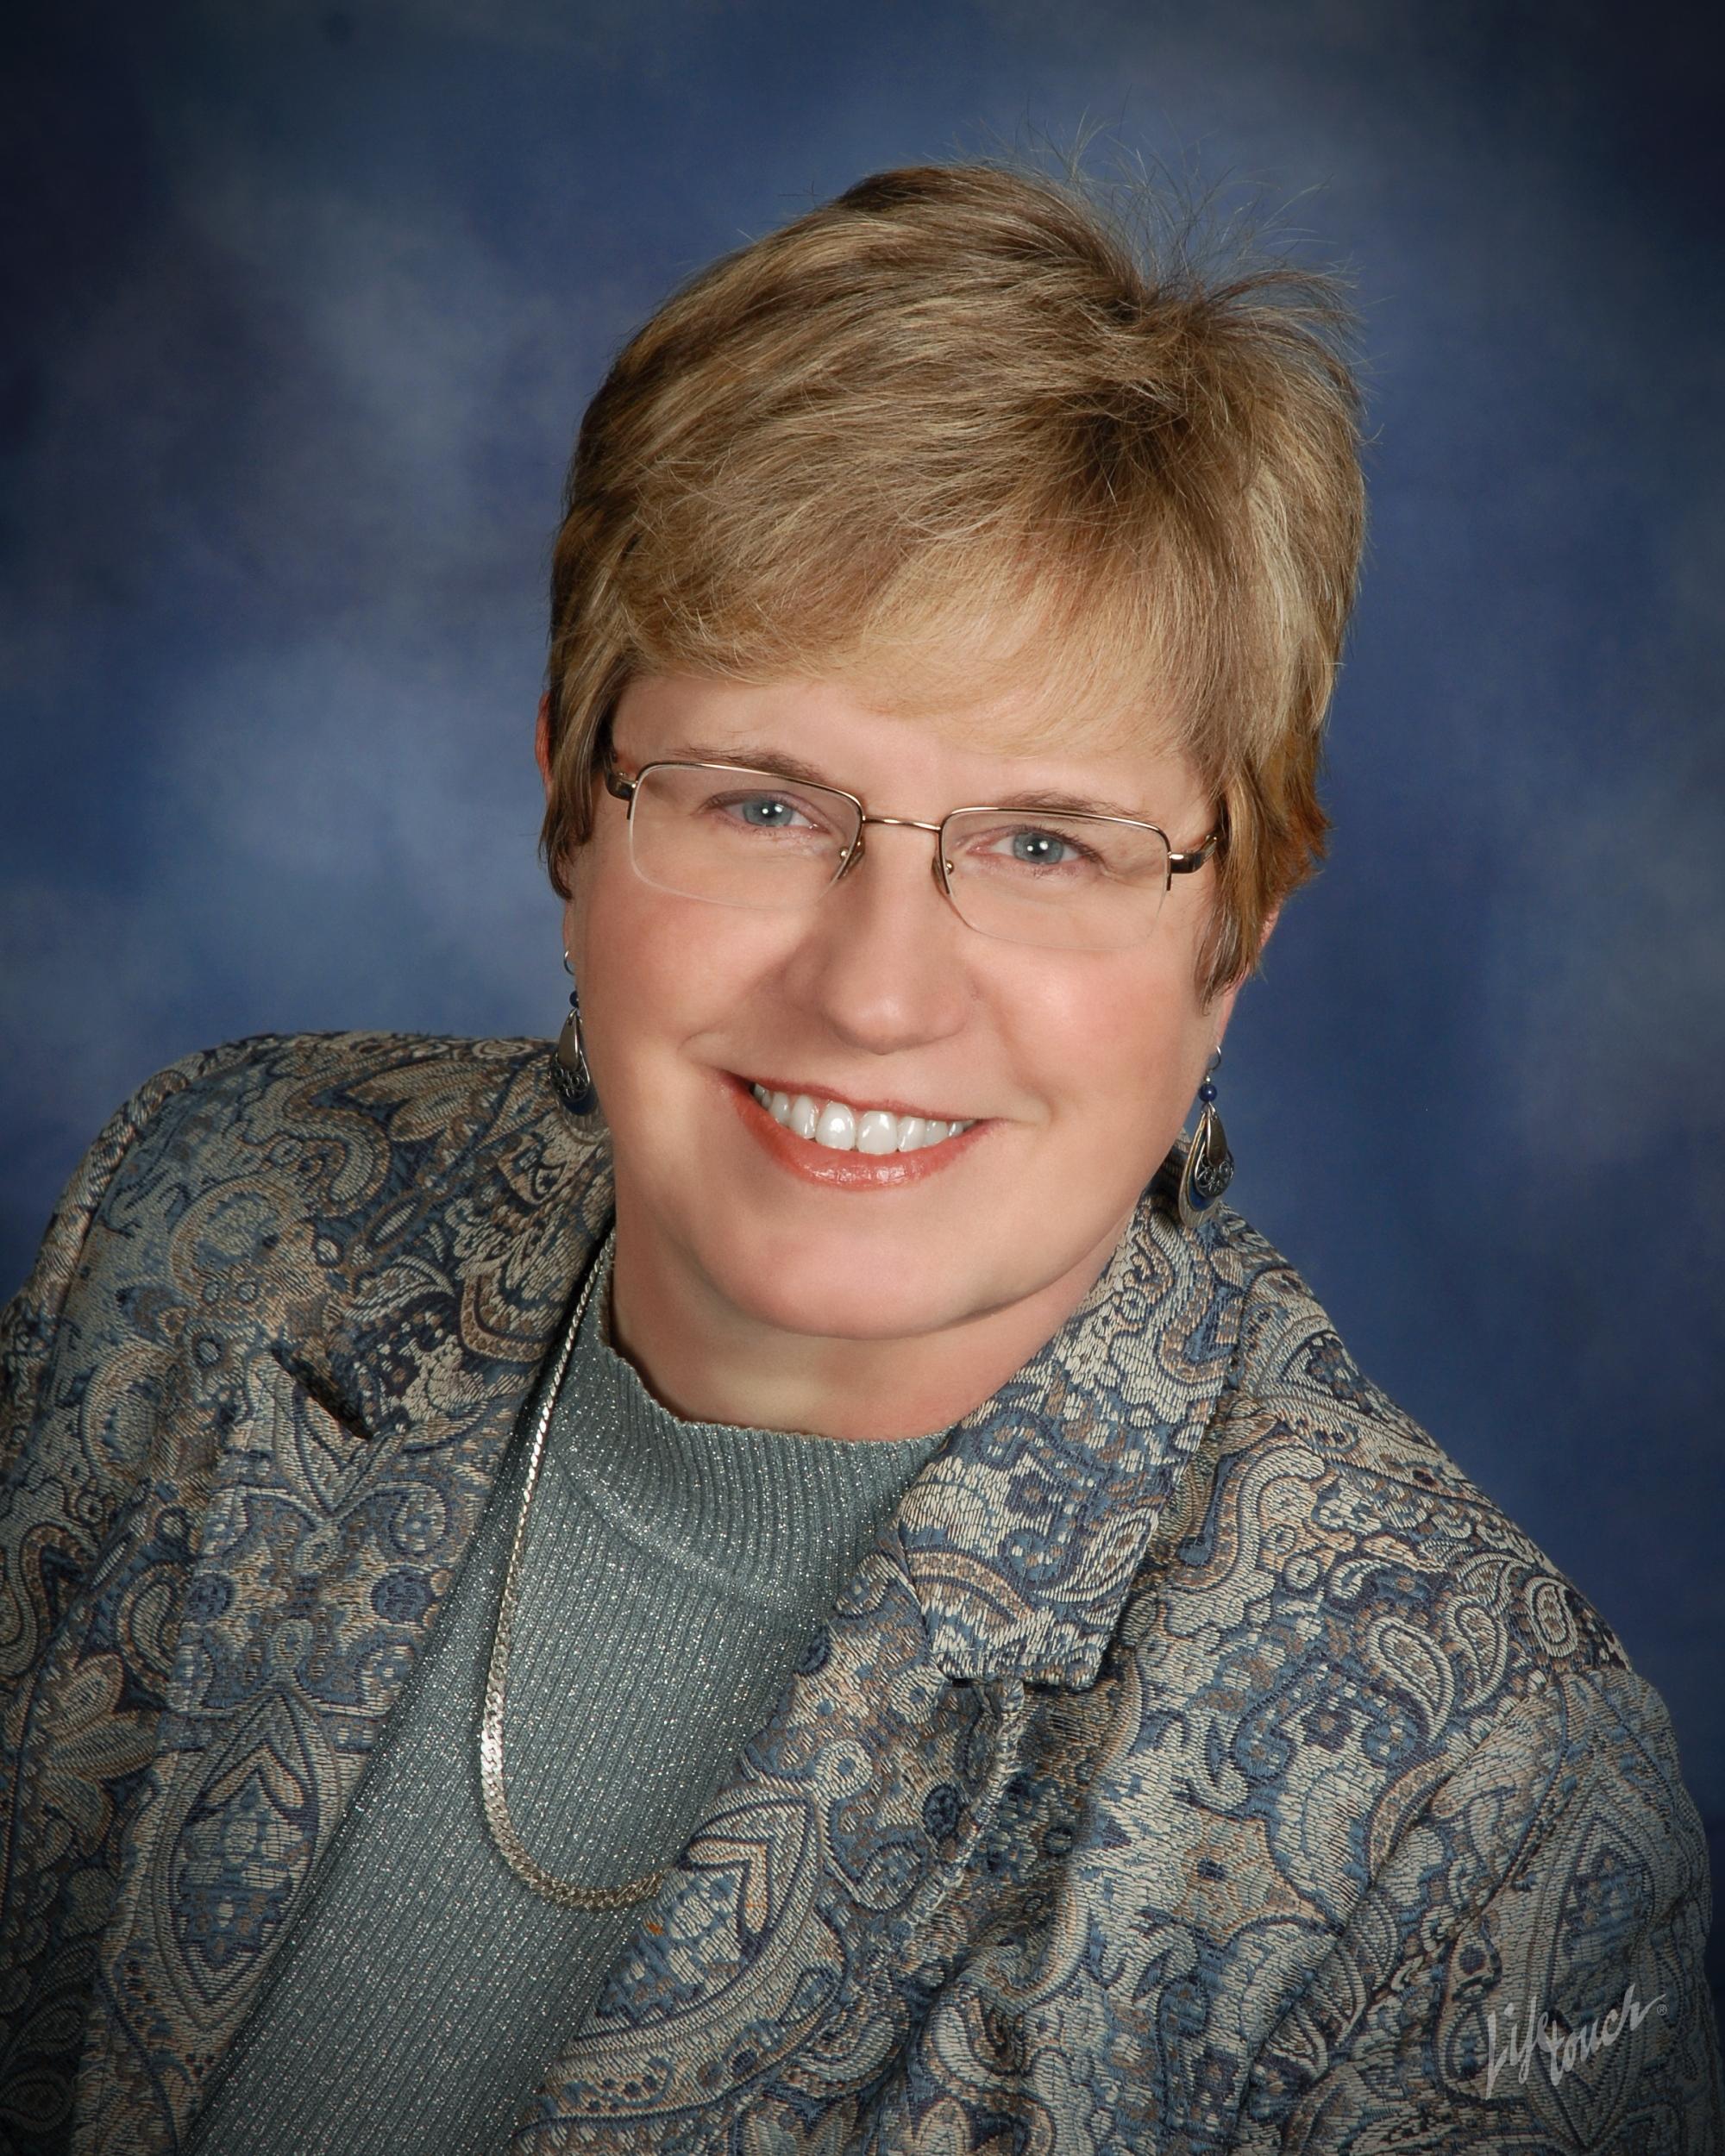 Christine Pharr. Photo courtesy of Mount Mary University.